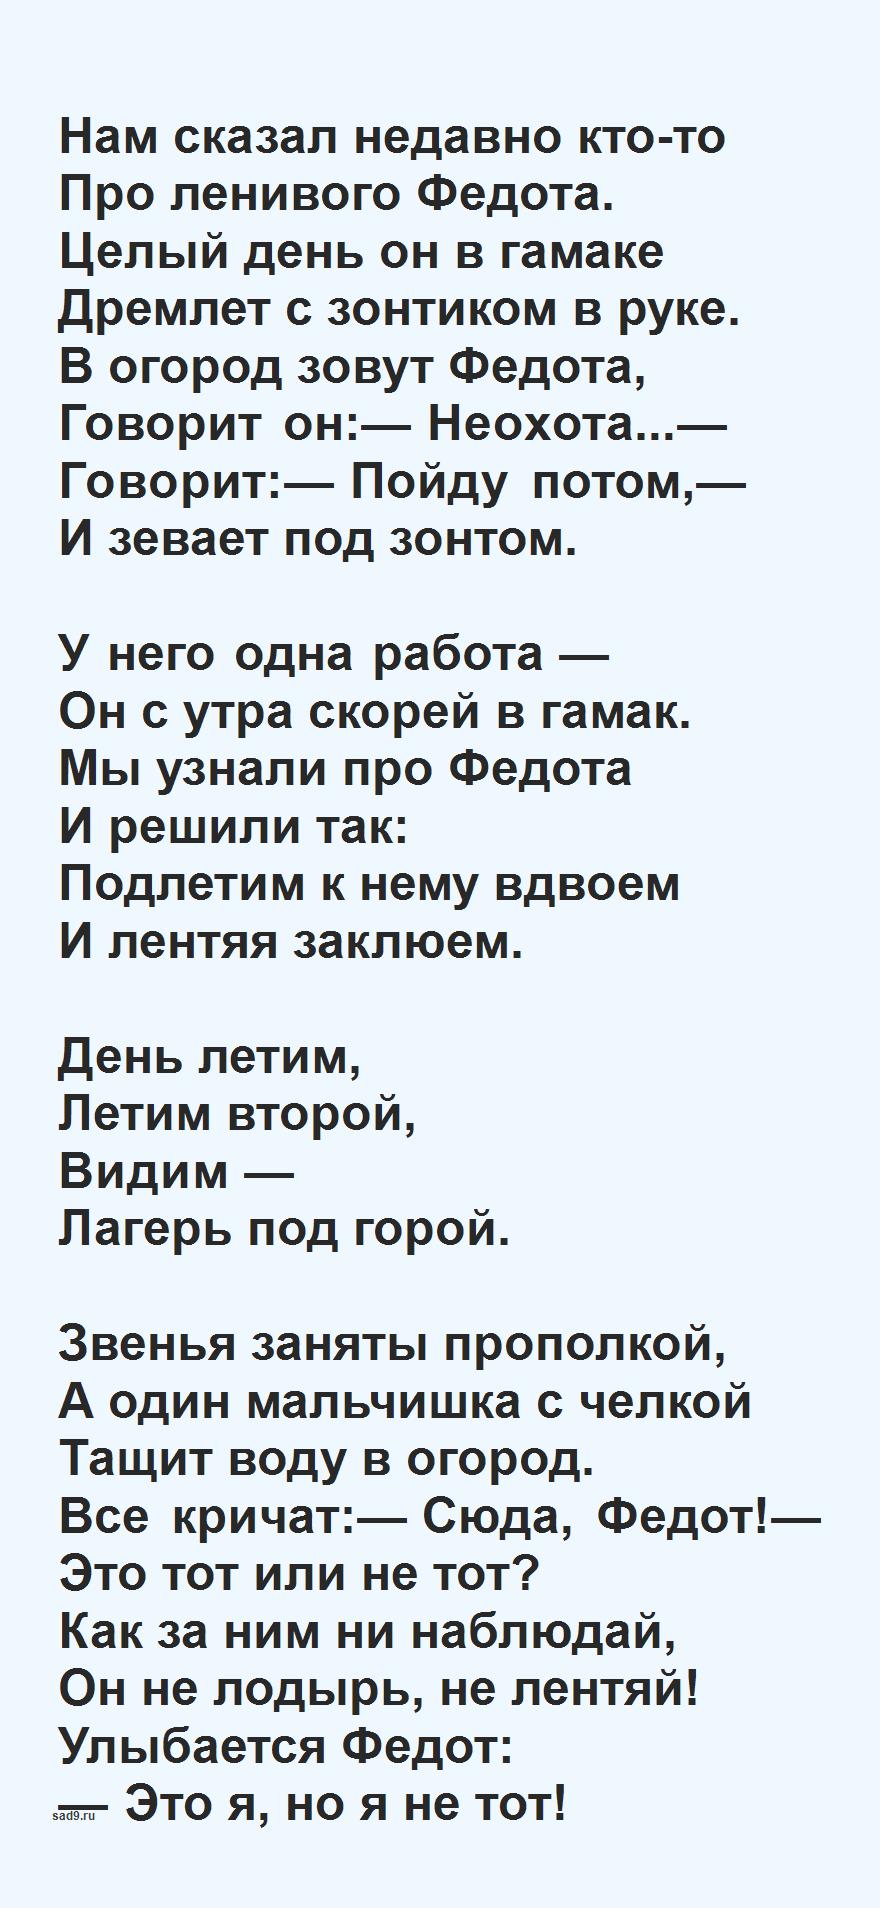 всегда стихи про лентяев кисель